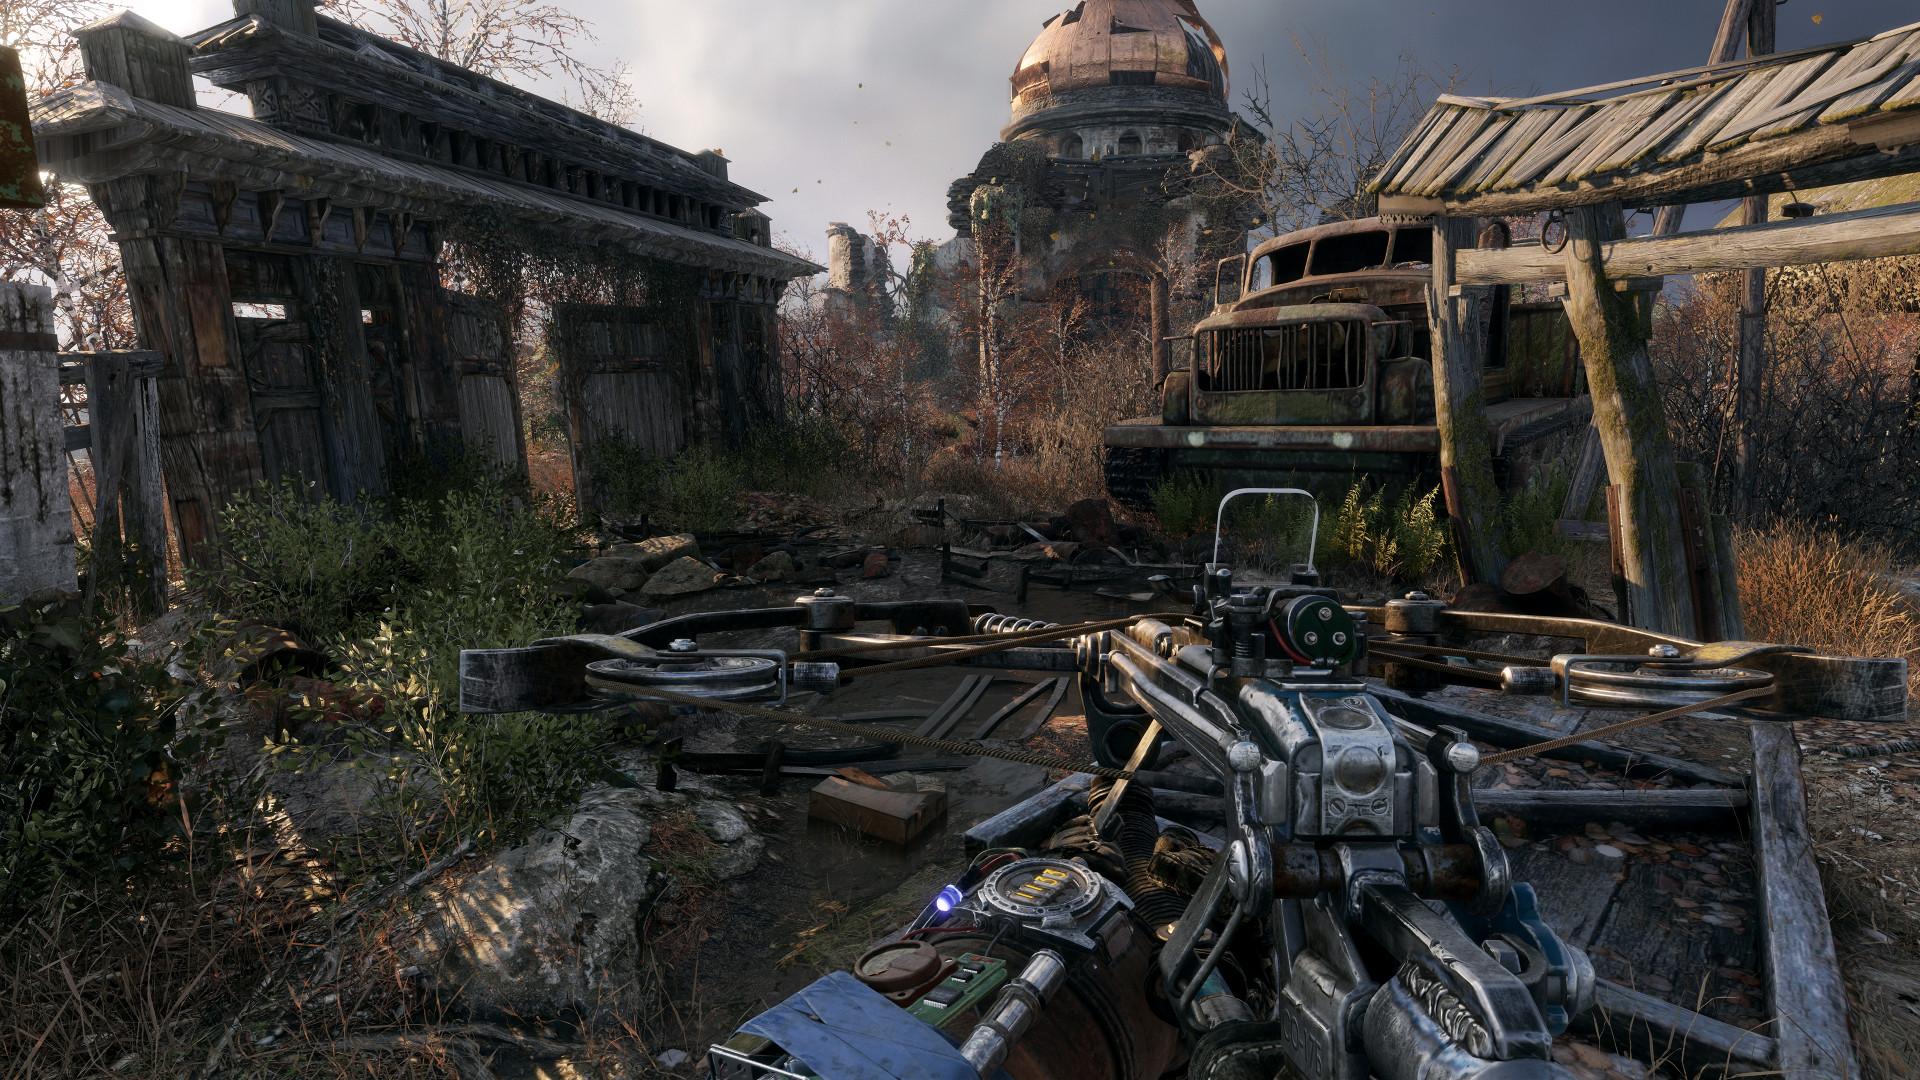 Появился 17 минутный геймплей Metro Exodus в 4K: крафт, кастомизация оружия, перестрелки и мутанты